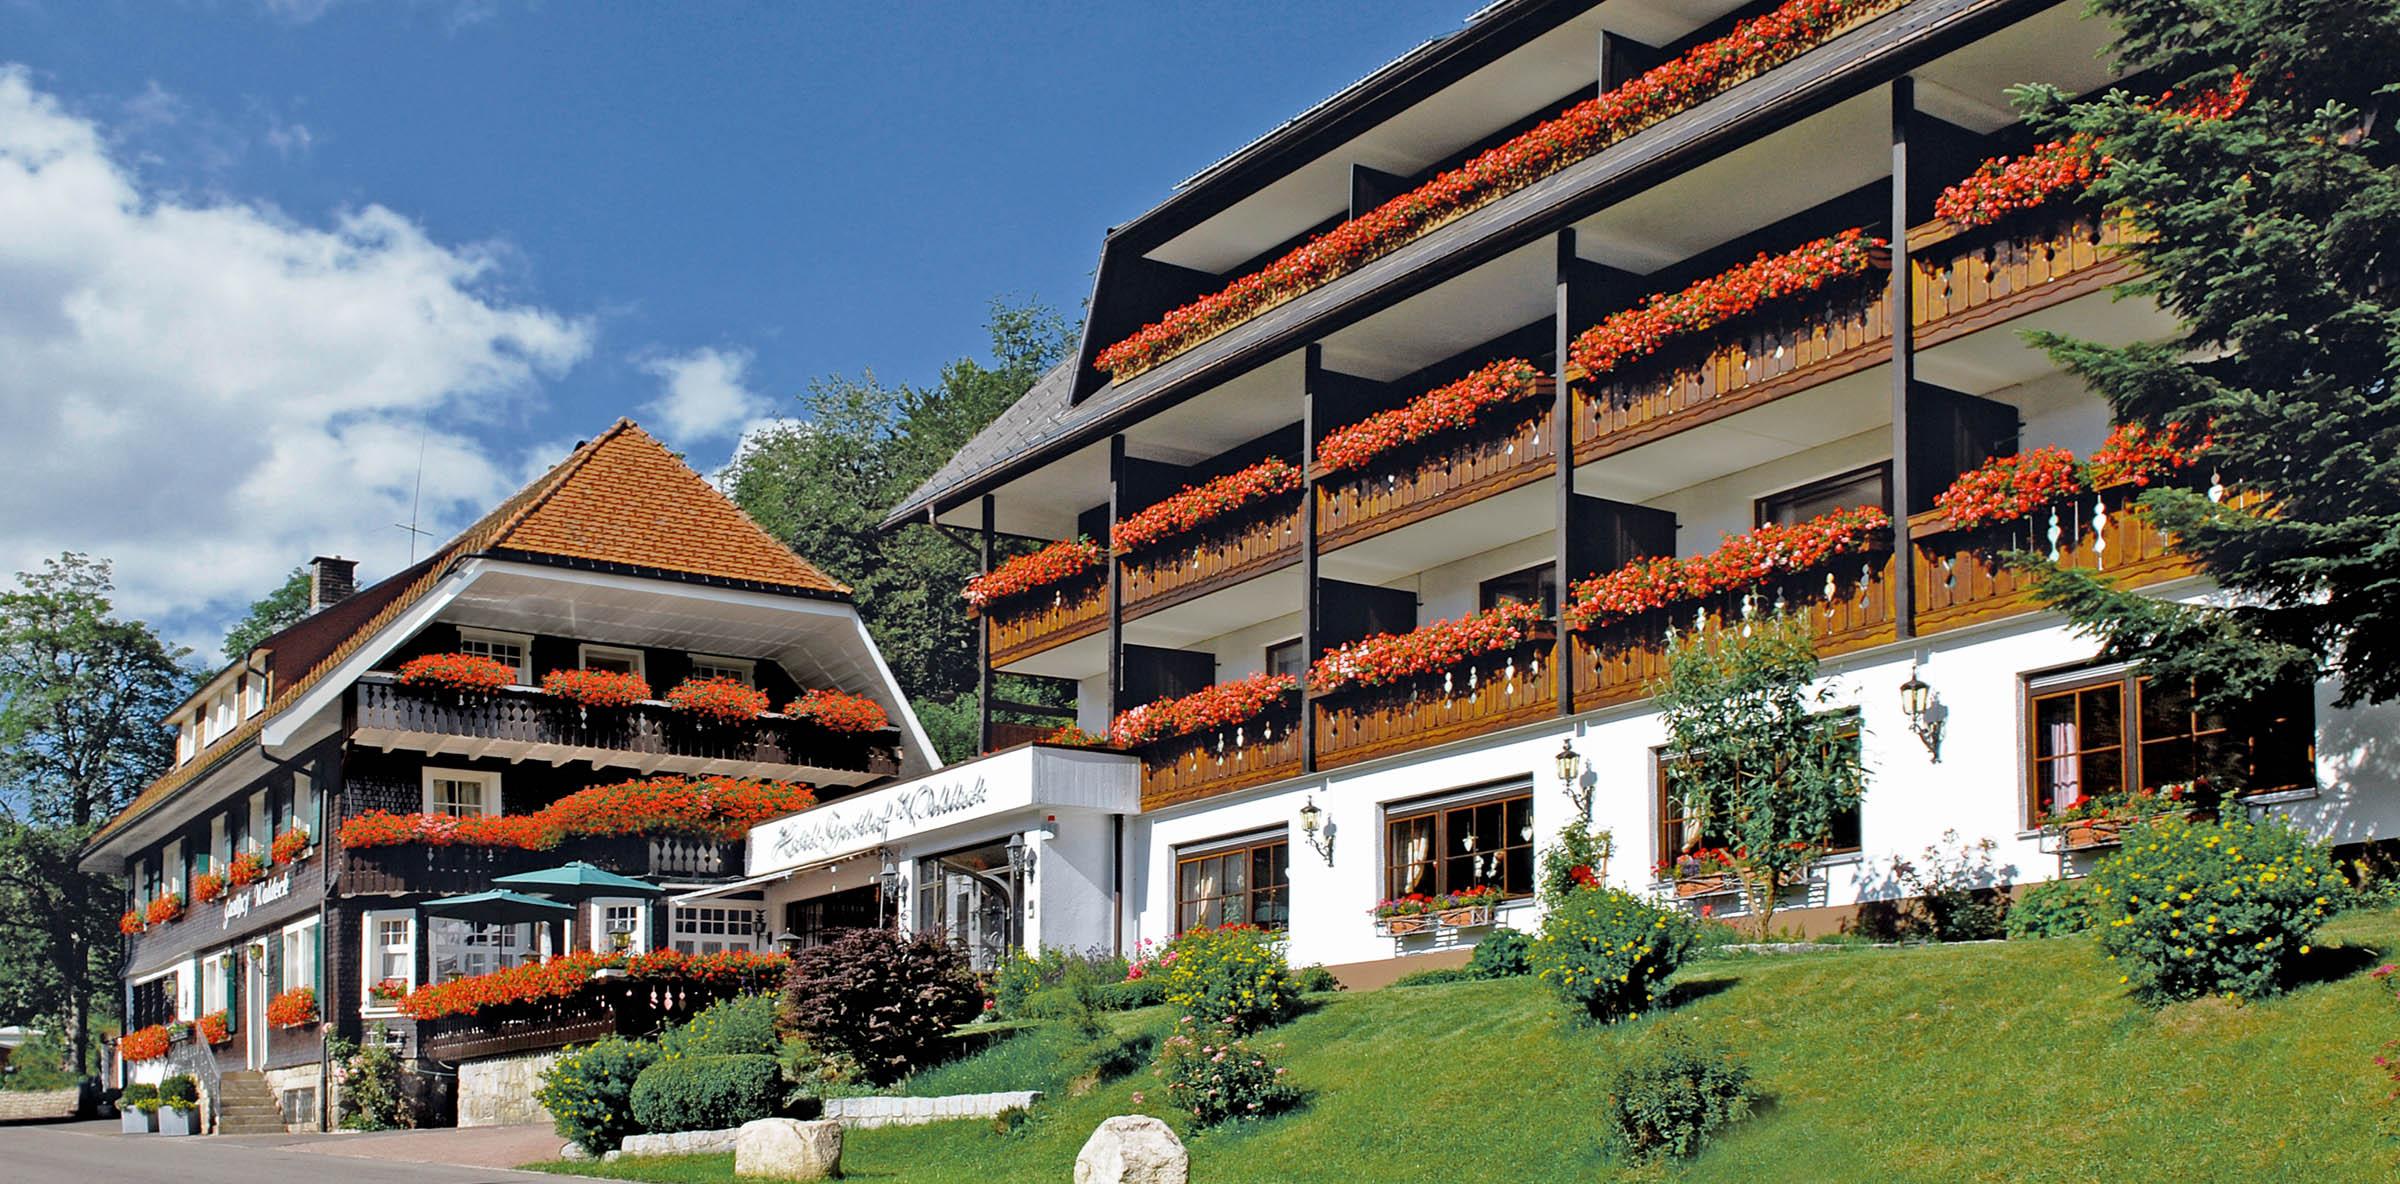 Hotel Waldeck Menzenschwand Schwarzwald